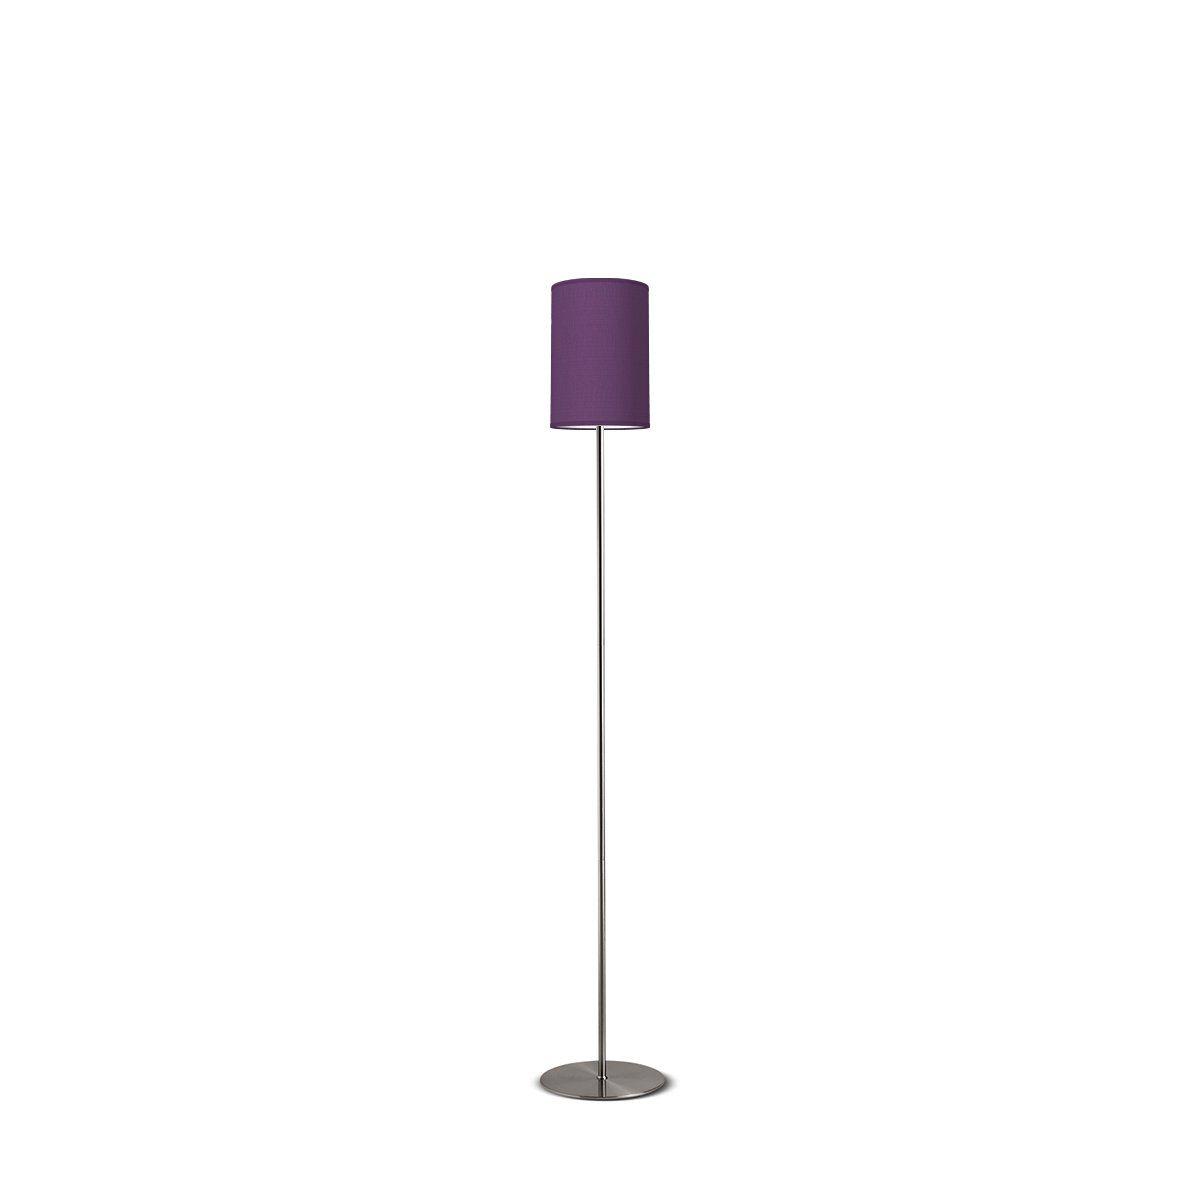 vloerlamp Lift tube 20 vloerlamp - paars